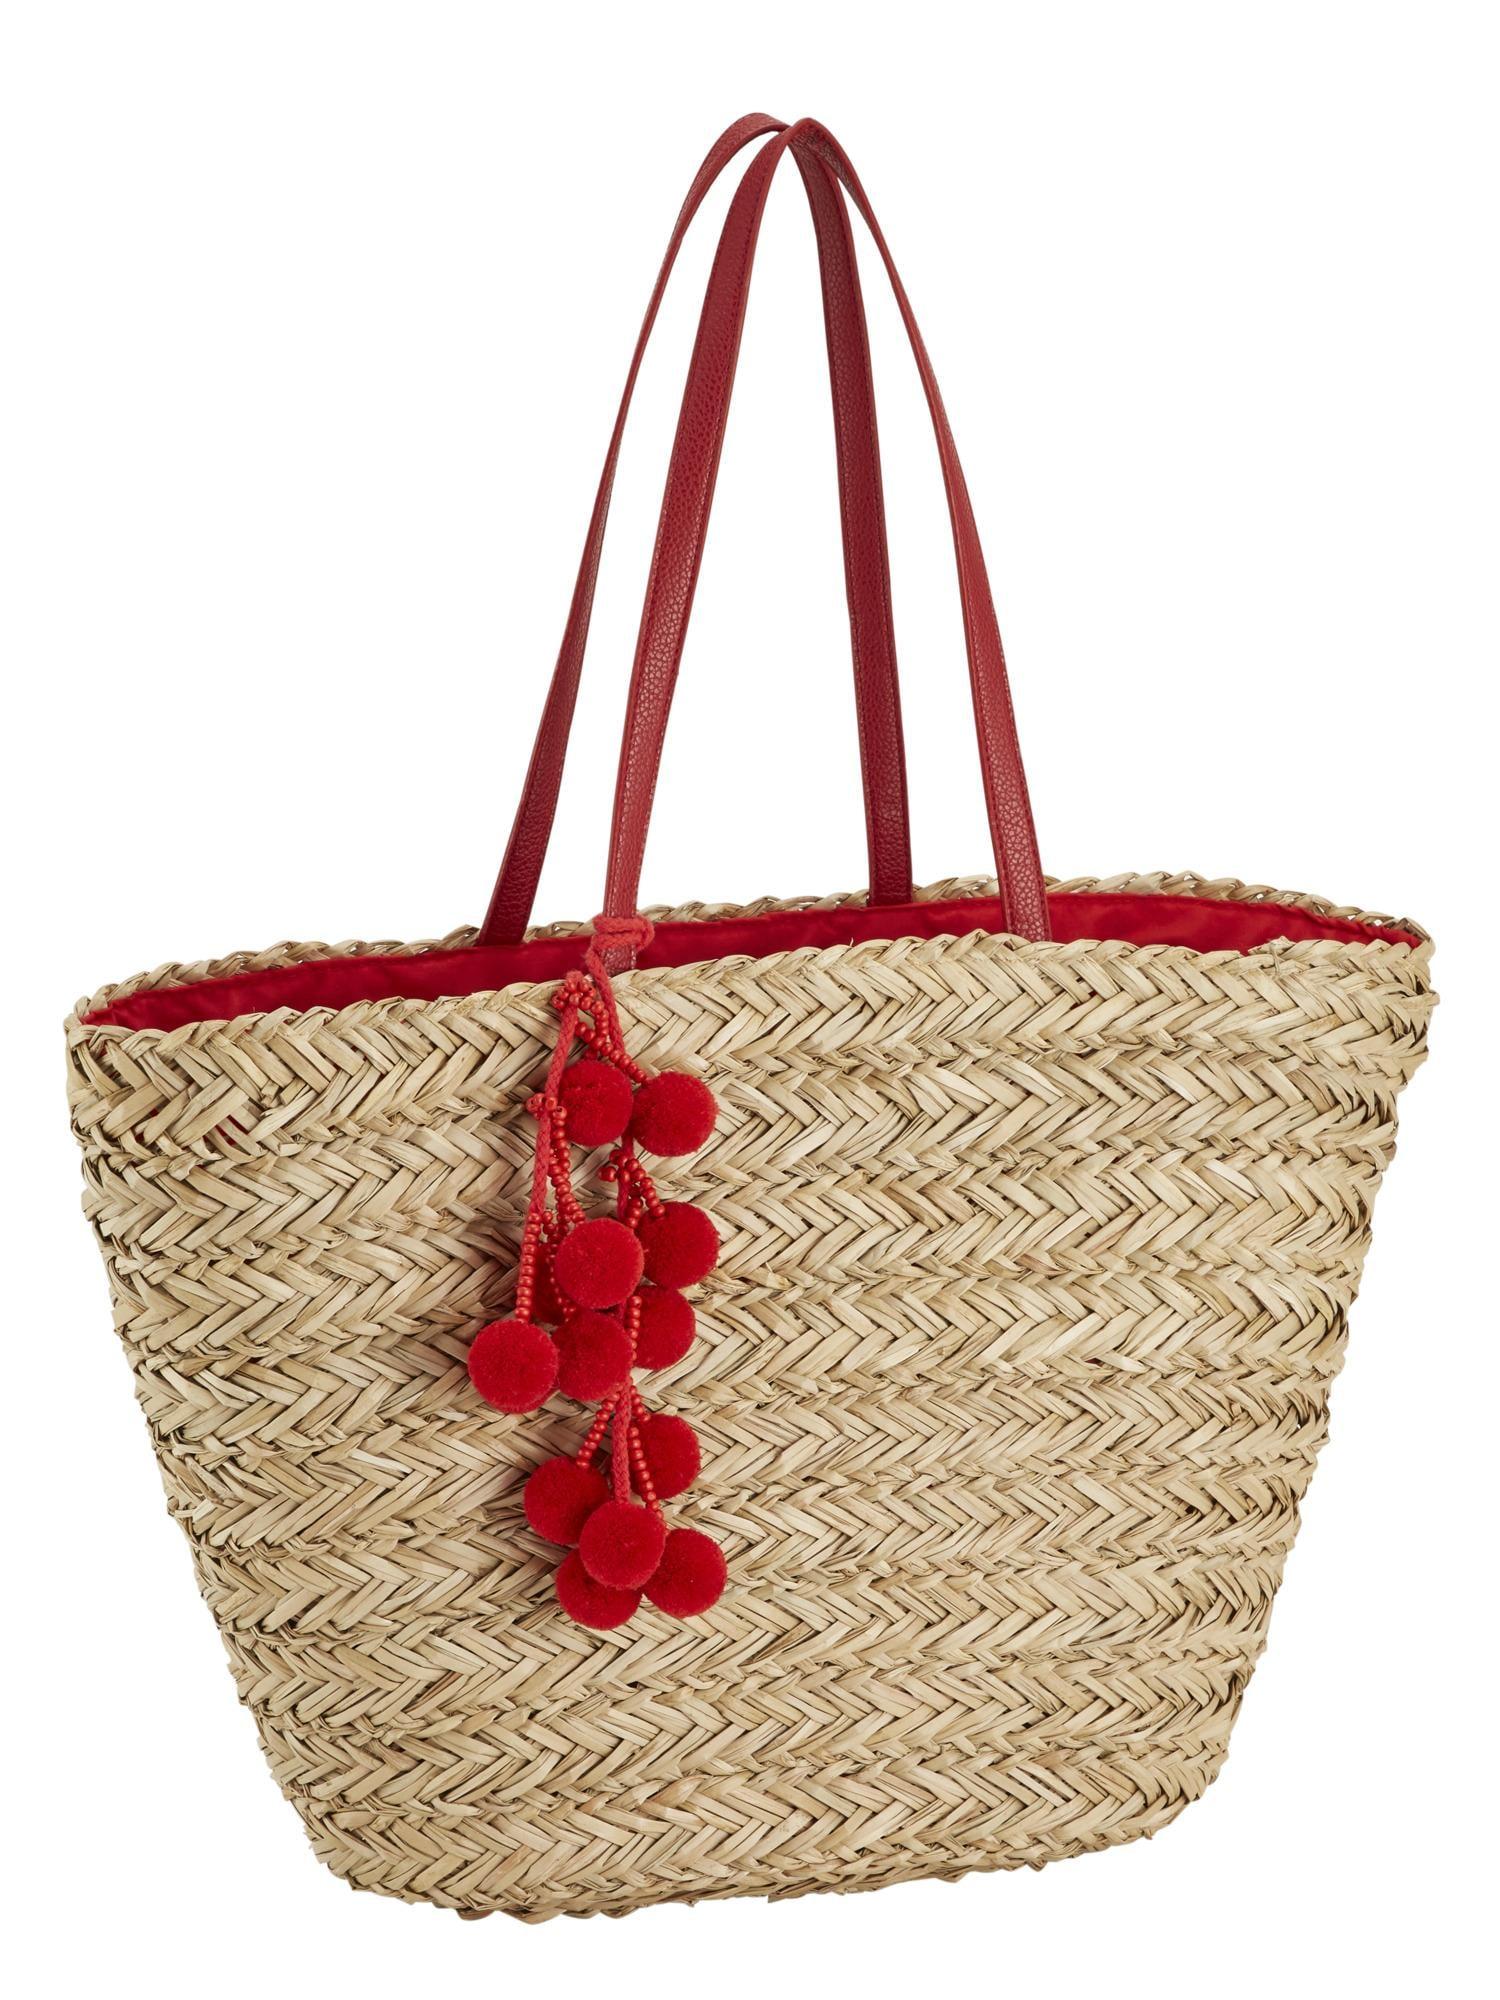 Damen LOEVENICH Strandtasche beige   04043376189357